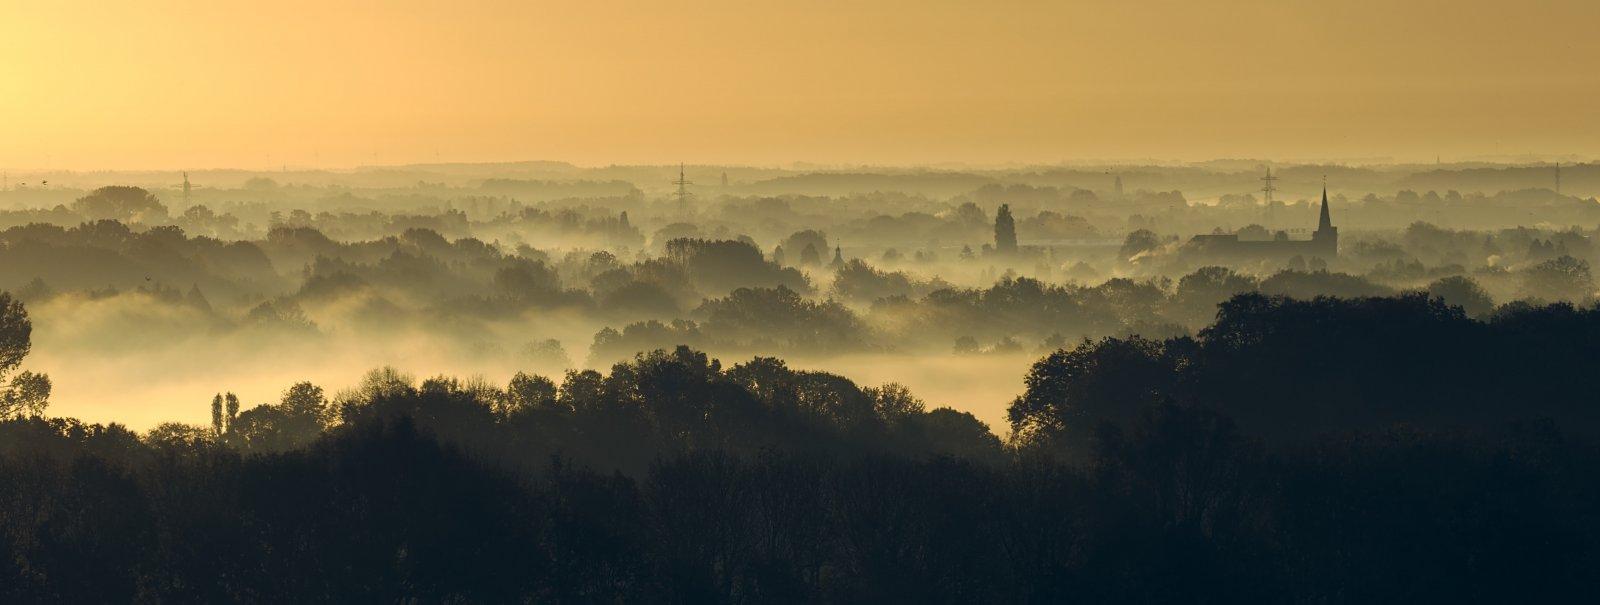 Utrechtse Heuvelrug in ochtend. Foto: Dykam, via Unsplash